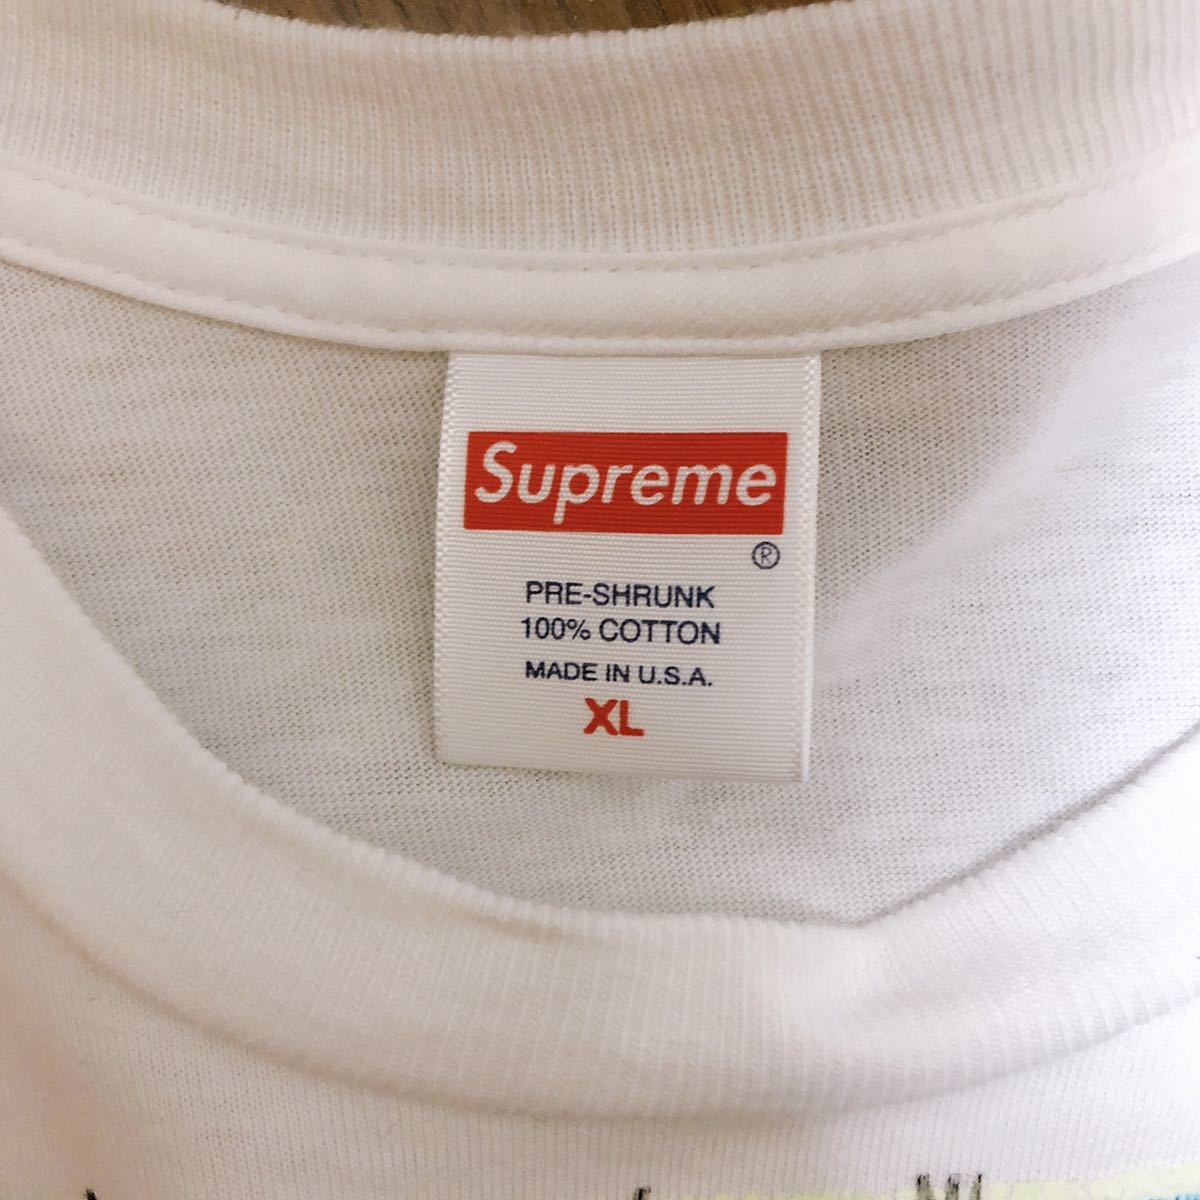 【新品 未着用】 choose me アリスマルチプリント T-shirt L Tシャツ Supreme 希少 白 不思議の国のアリス チェシャ猫プリントTシャツ_画像2